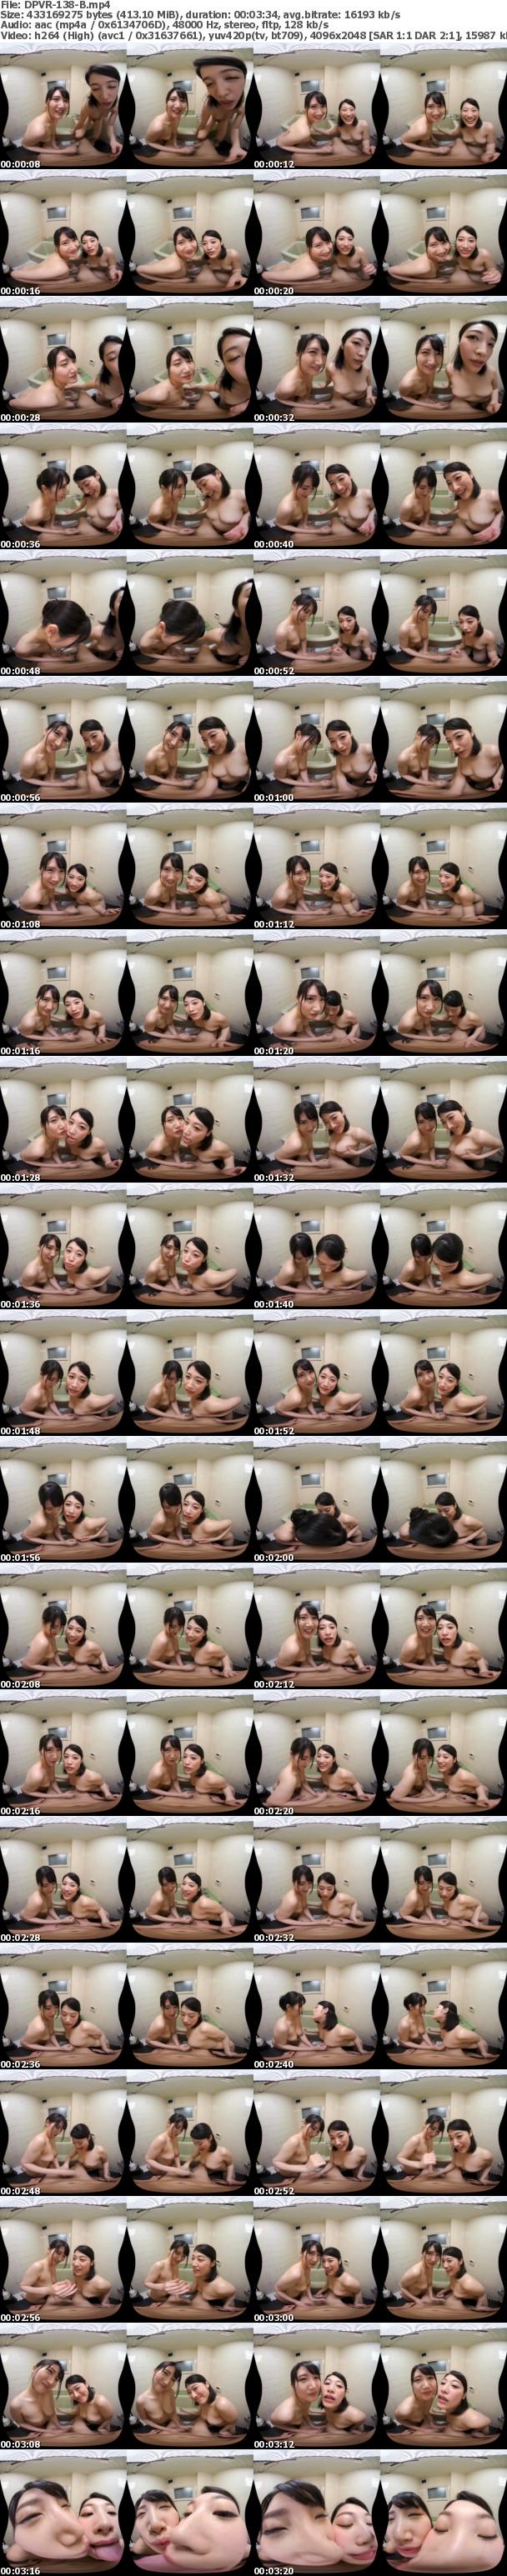 (VR) DPVR-138 義理の三姉弟!!!お姉ちゃんたちのいちゃラブ姿を見てしまい姉妹どんぶりで筆おろしされてしまったボク